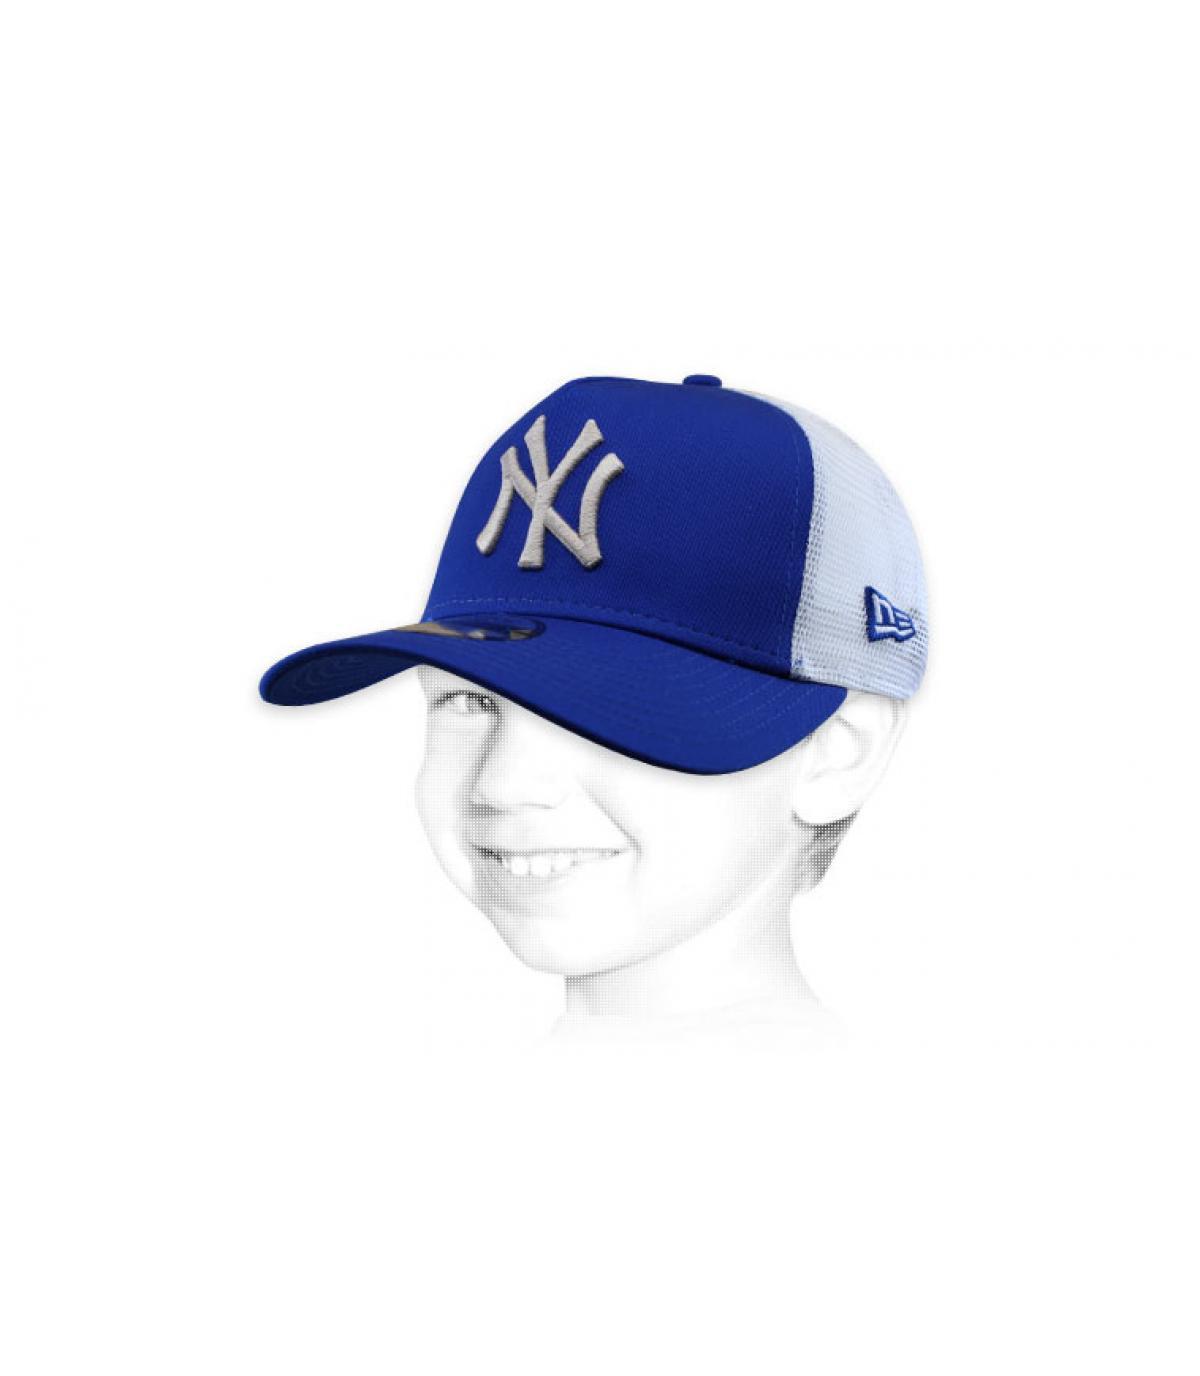 blauwe NY trucker